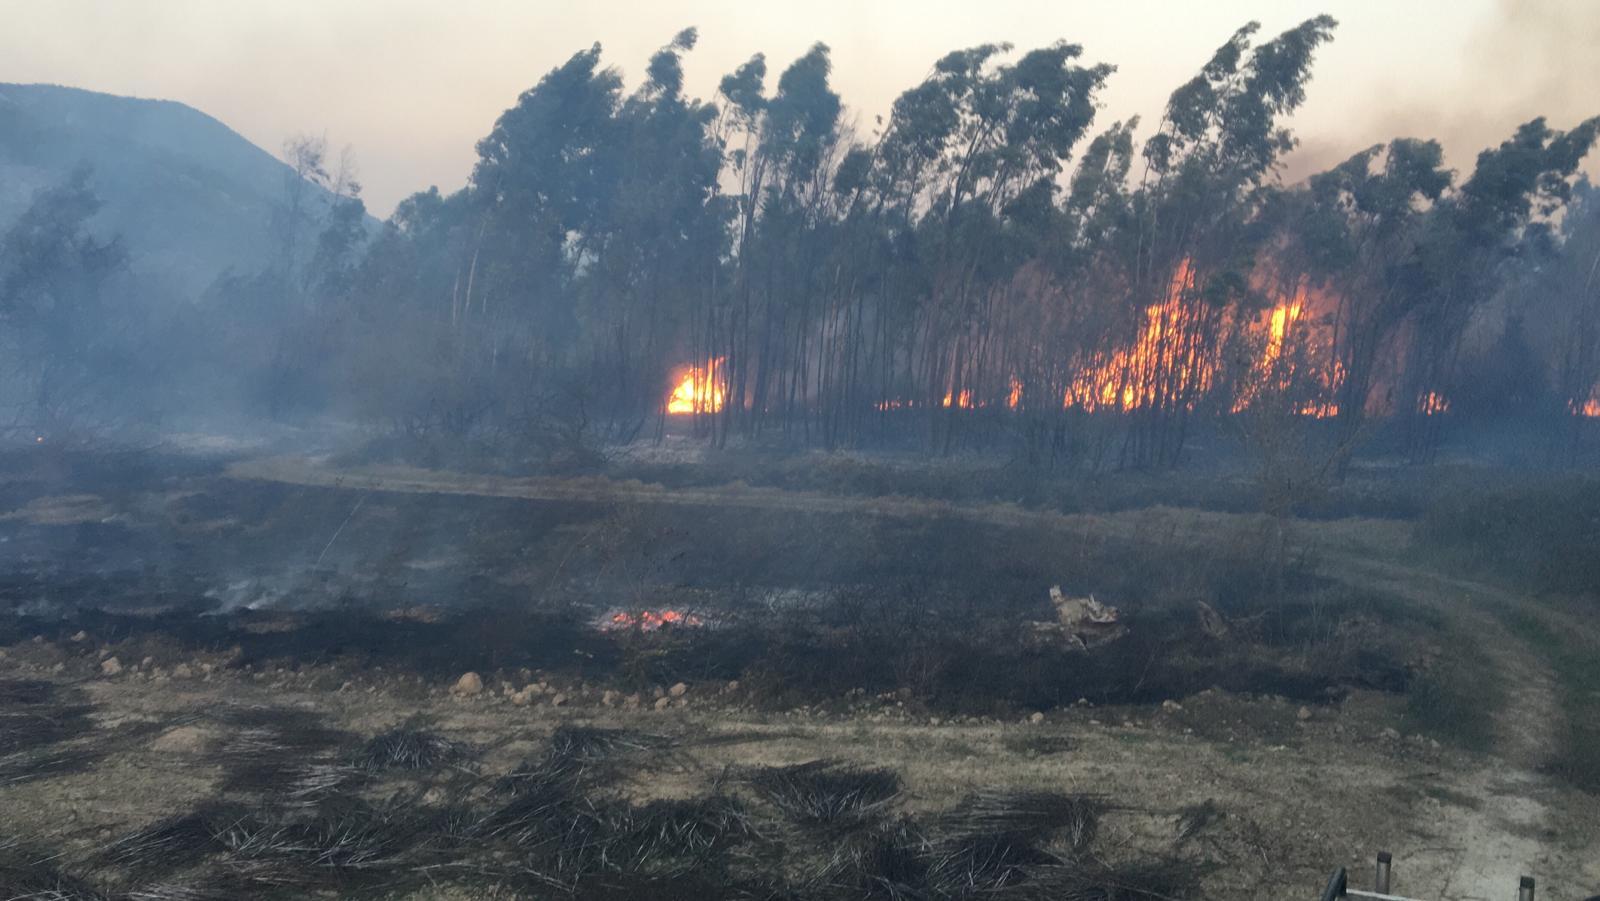 Muğla'da yangın: 12 dönümlük alan zarar gördü